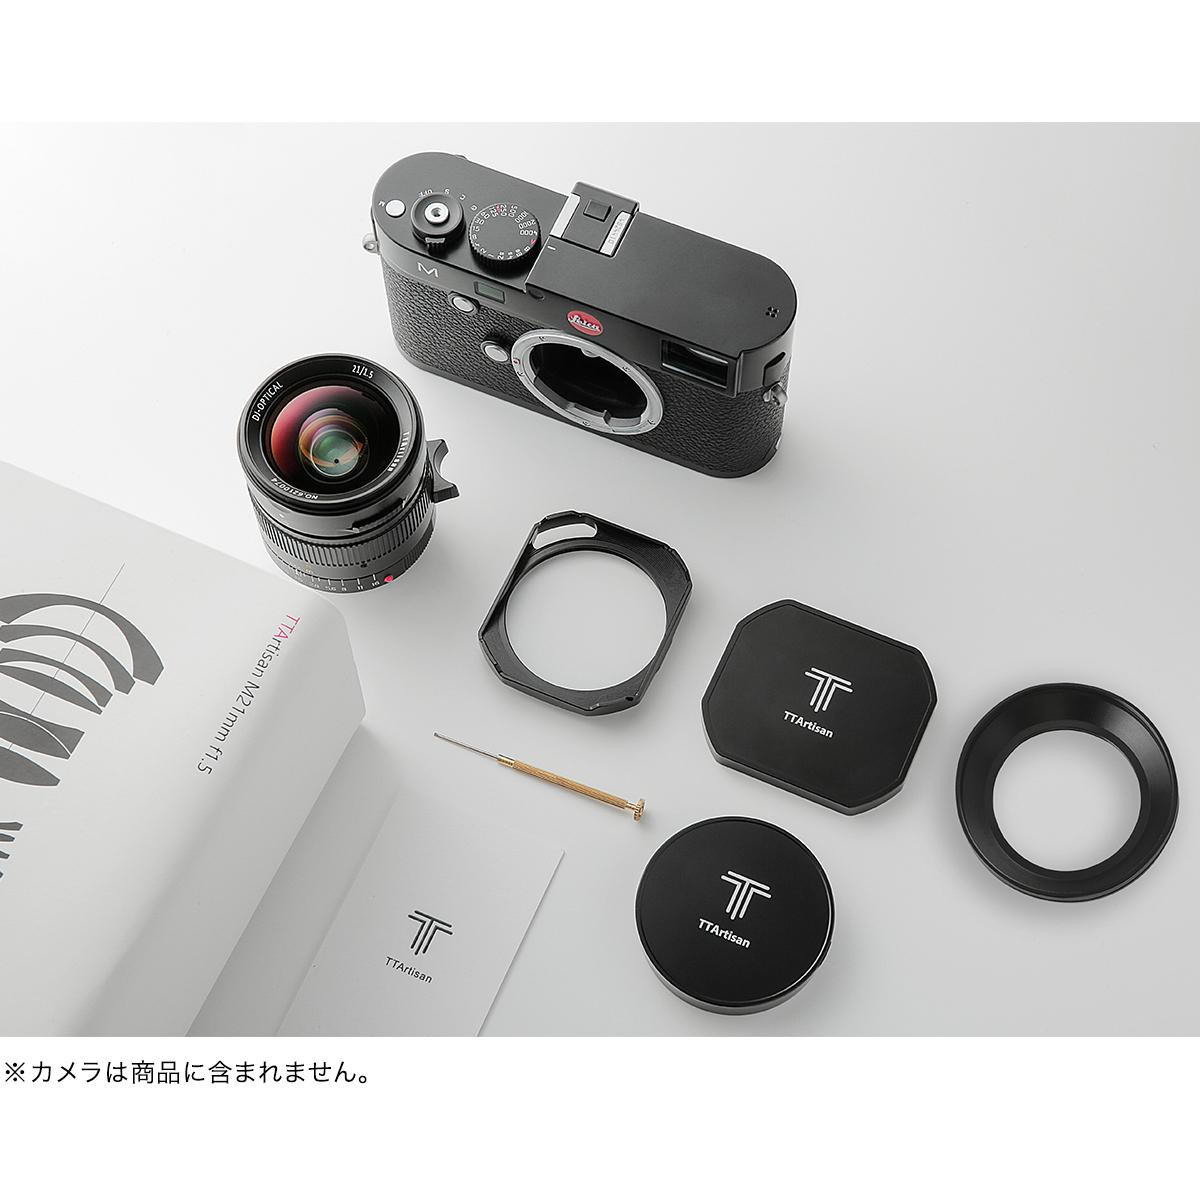 銘匠光学 TTArtisan 21mm f/1.5 ASPH 単焦点レンズ ライカMマウント